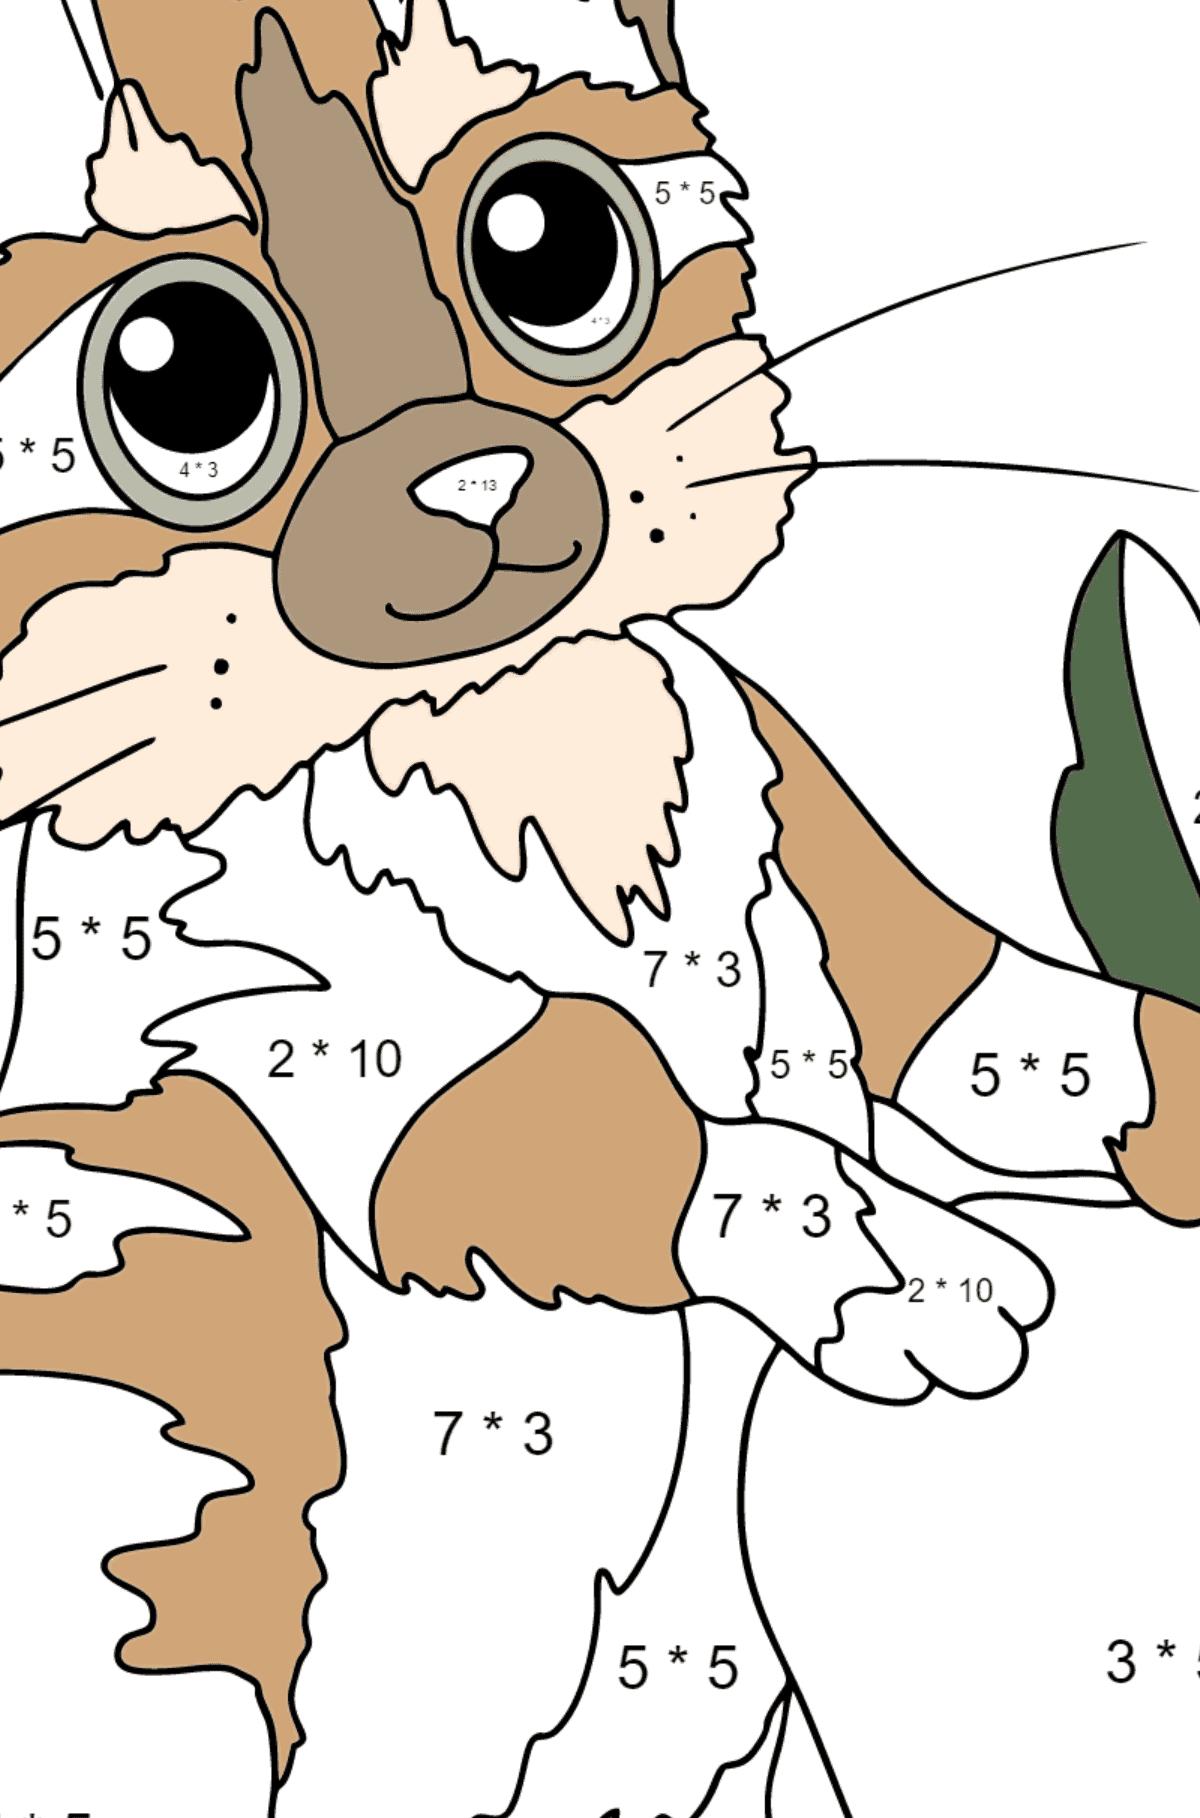 Раскраска кошка со спелым яблоком - Математическая Раскраска - Умножение для Детей